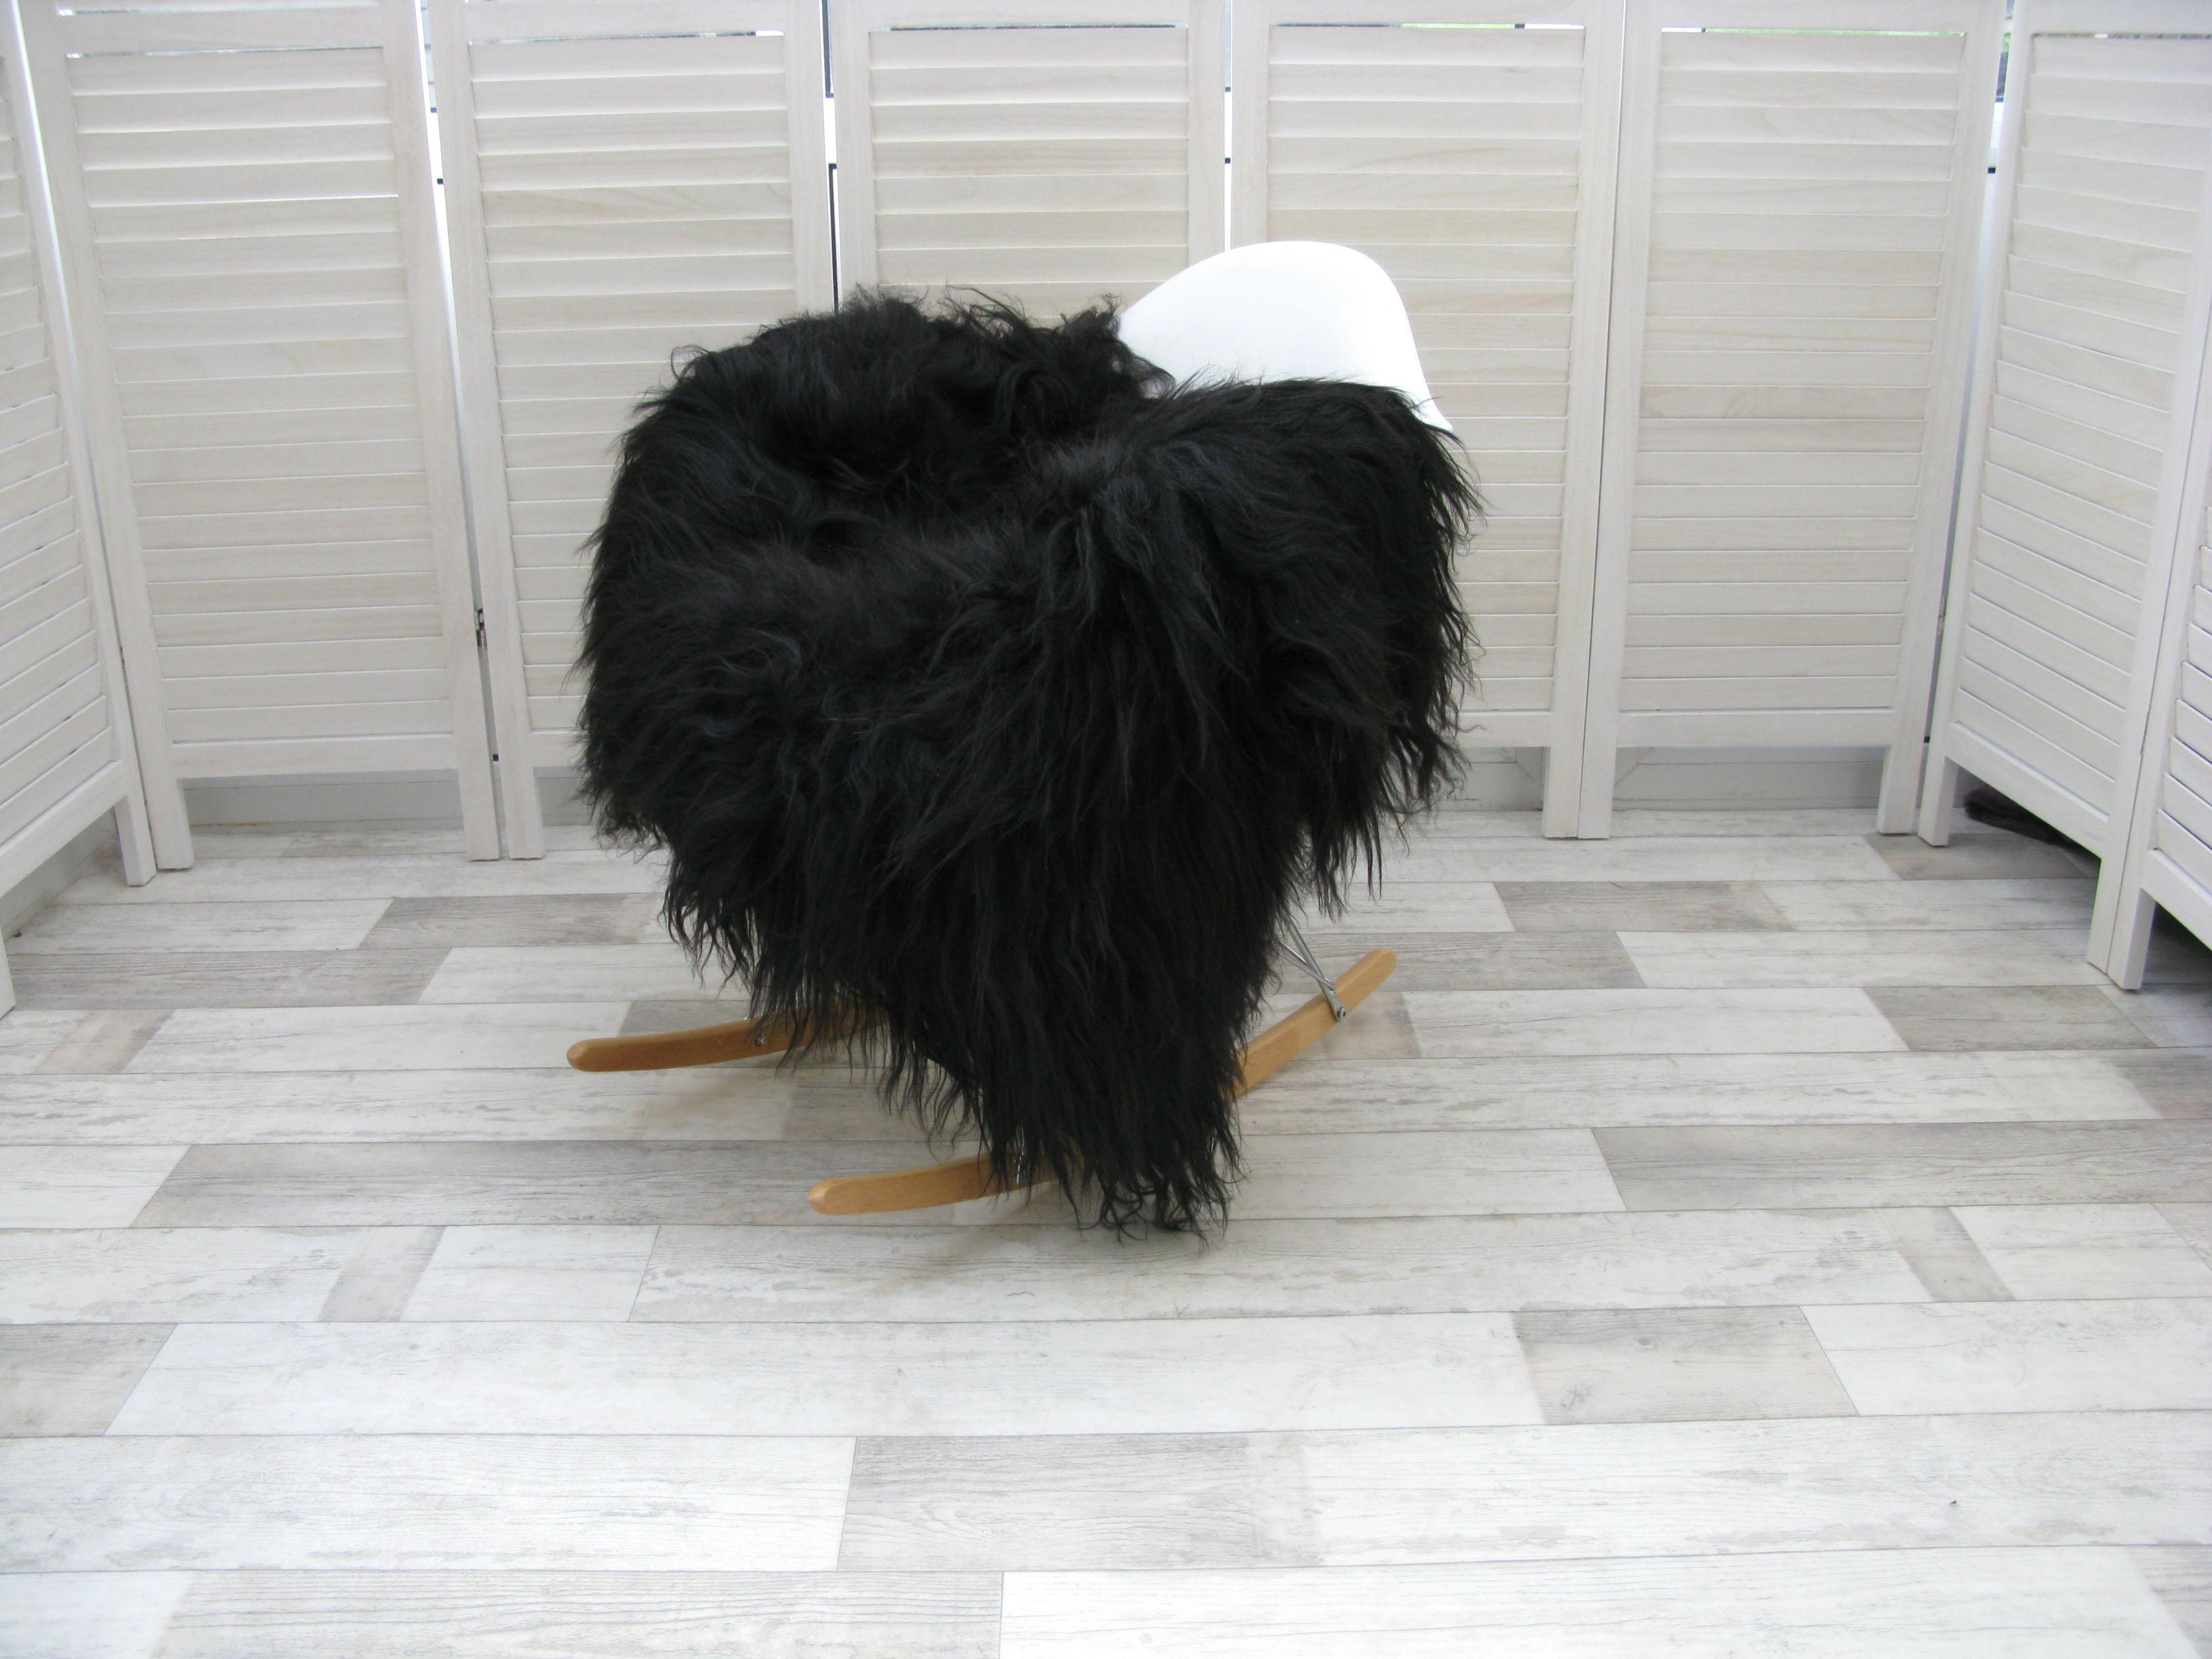 tapis en peau de mouton islandais d 39 origine rare unique naturelle couleur noire ebay. Black Bedroom Furniture Sets. Home Design Ideas